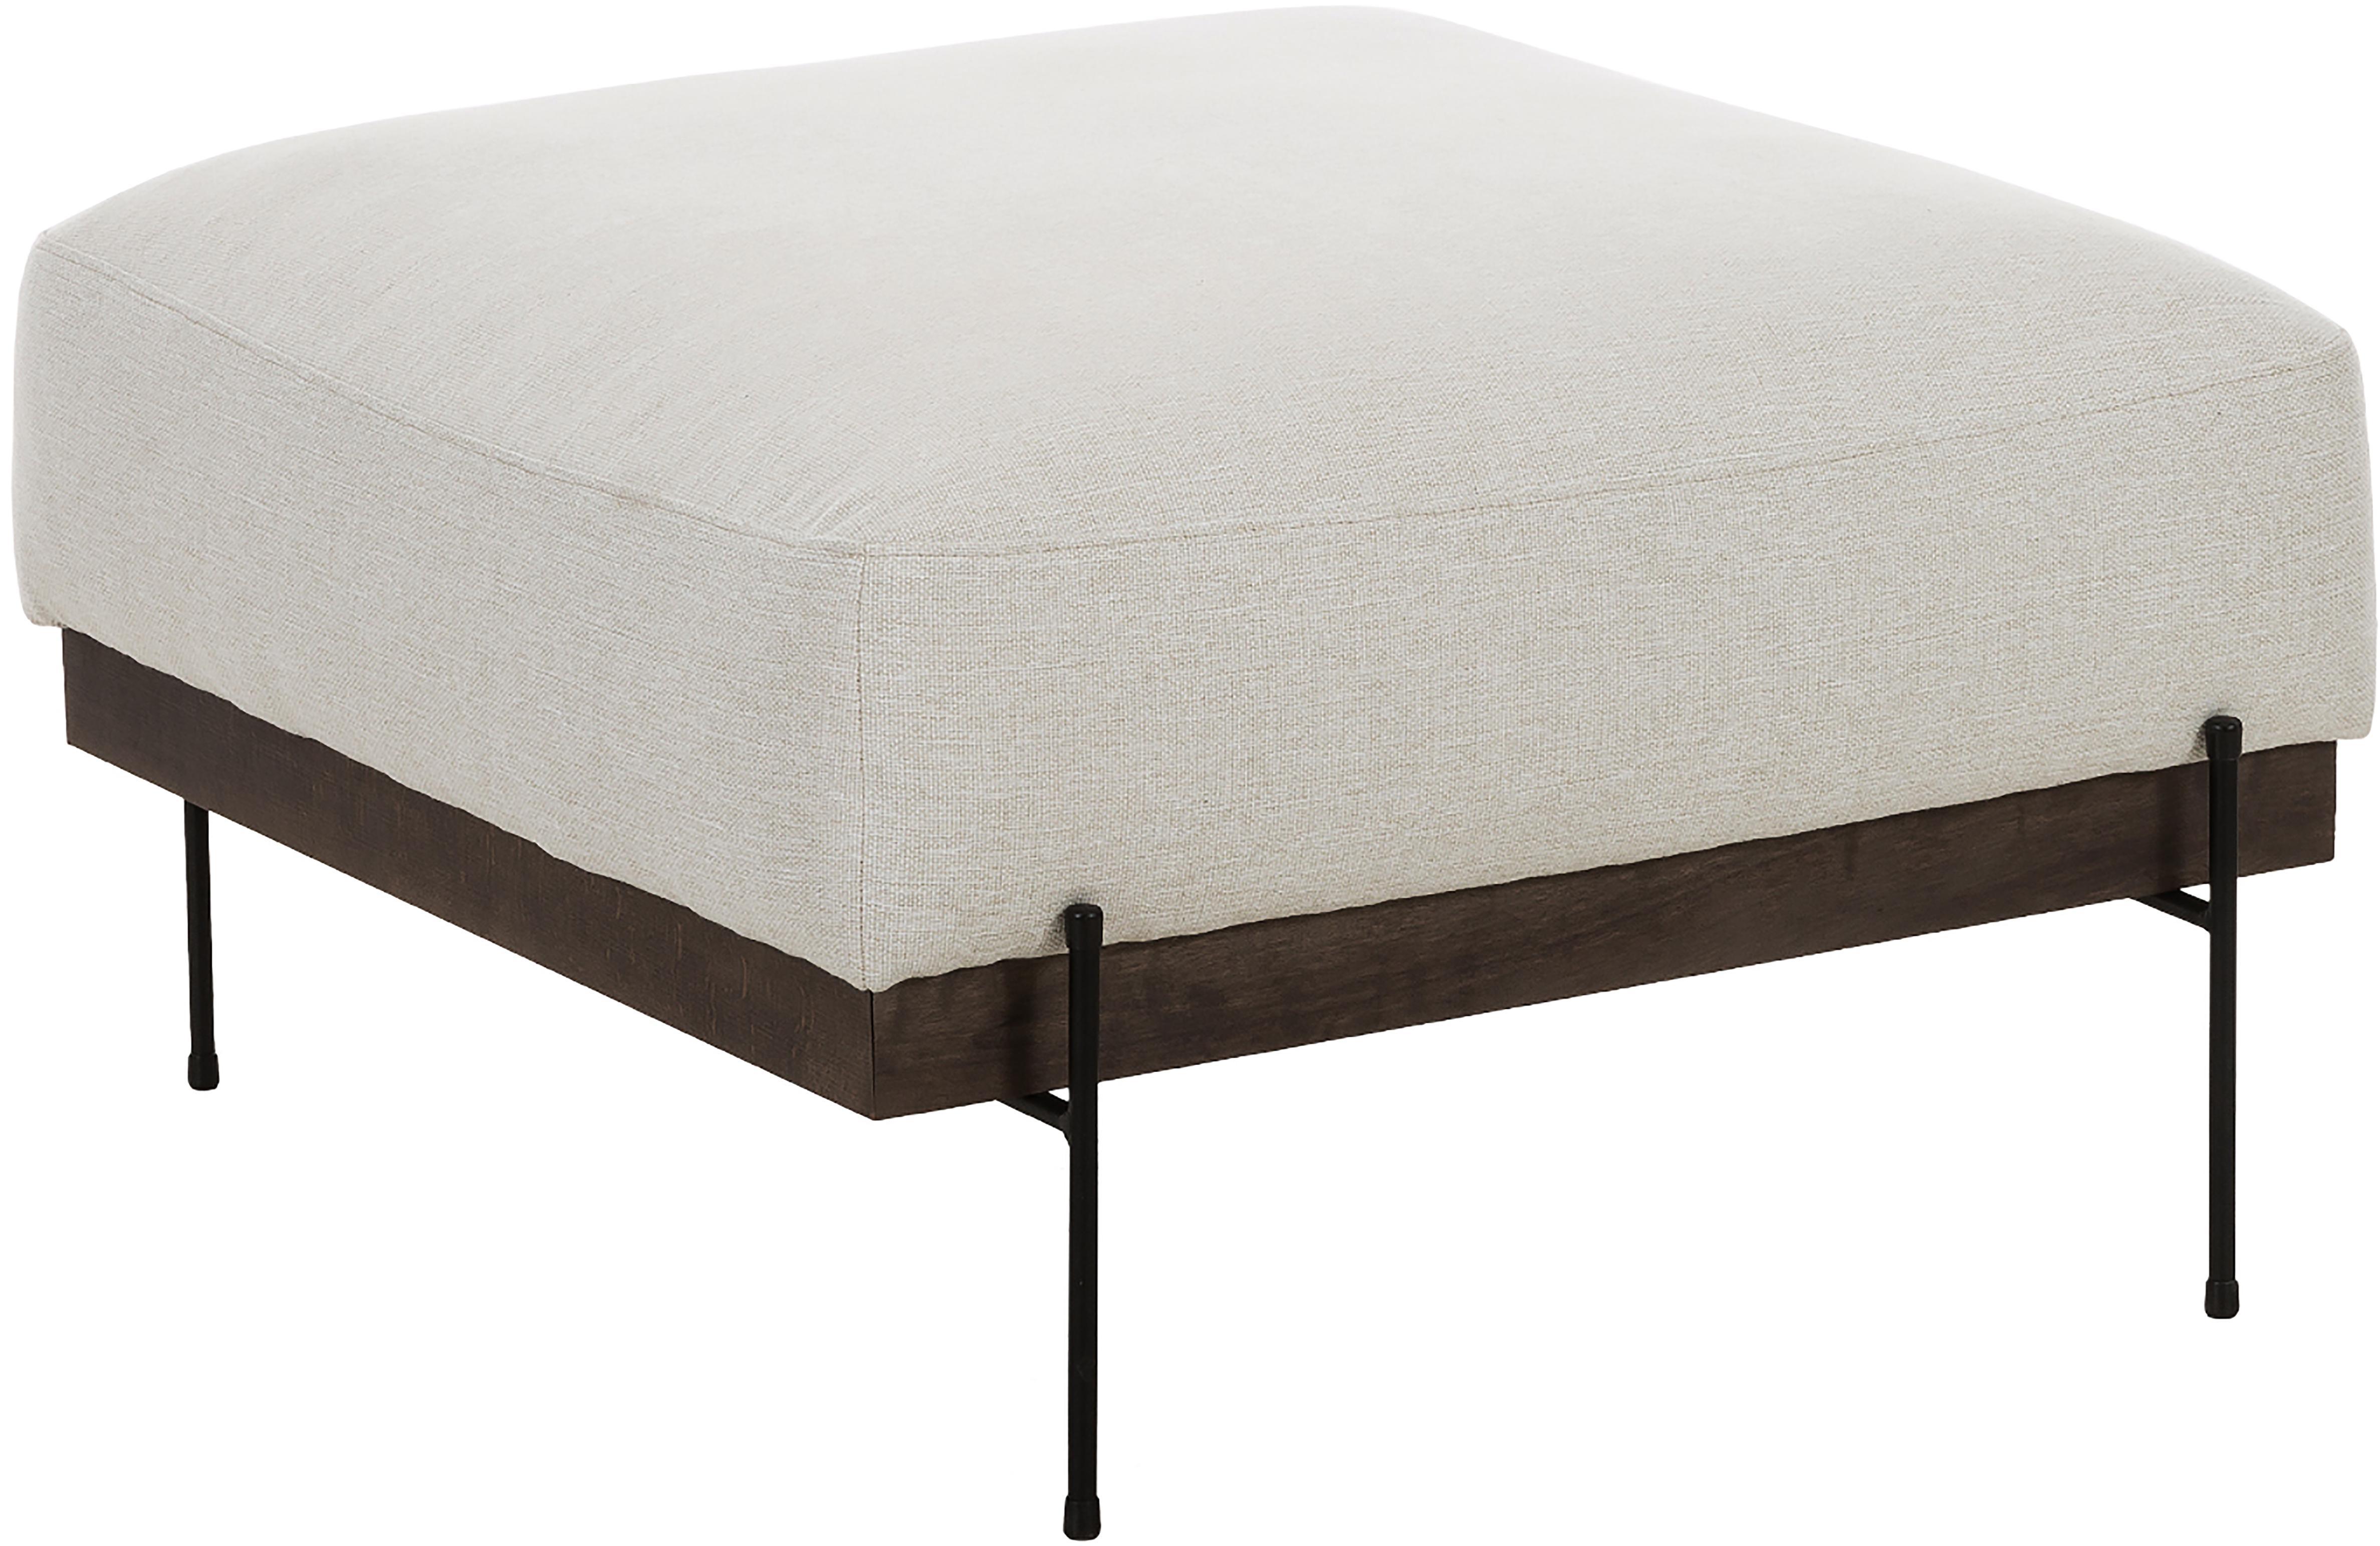 Sofa-Hocker Brooks, Bezug: Polyester 35.000 Scheuert, Gestell: Kiefernholz, massiv, Rahmen: Kiefernholz, lackiert, Füße: Metall, pulverbeschichtet, Beige, 80 x 43 cm